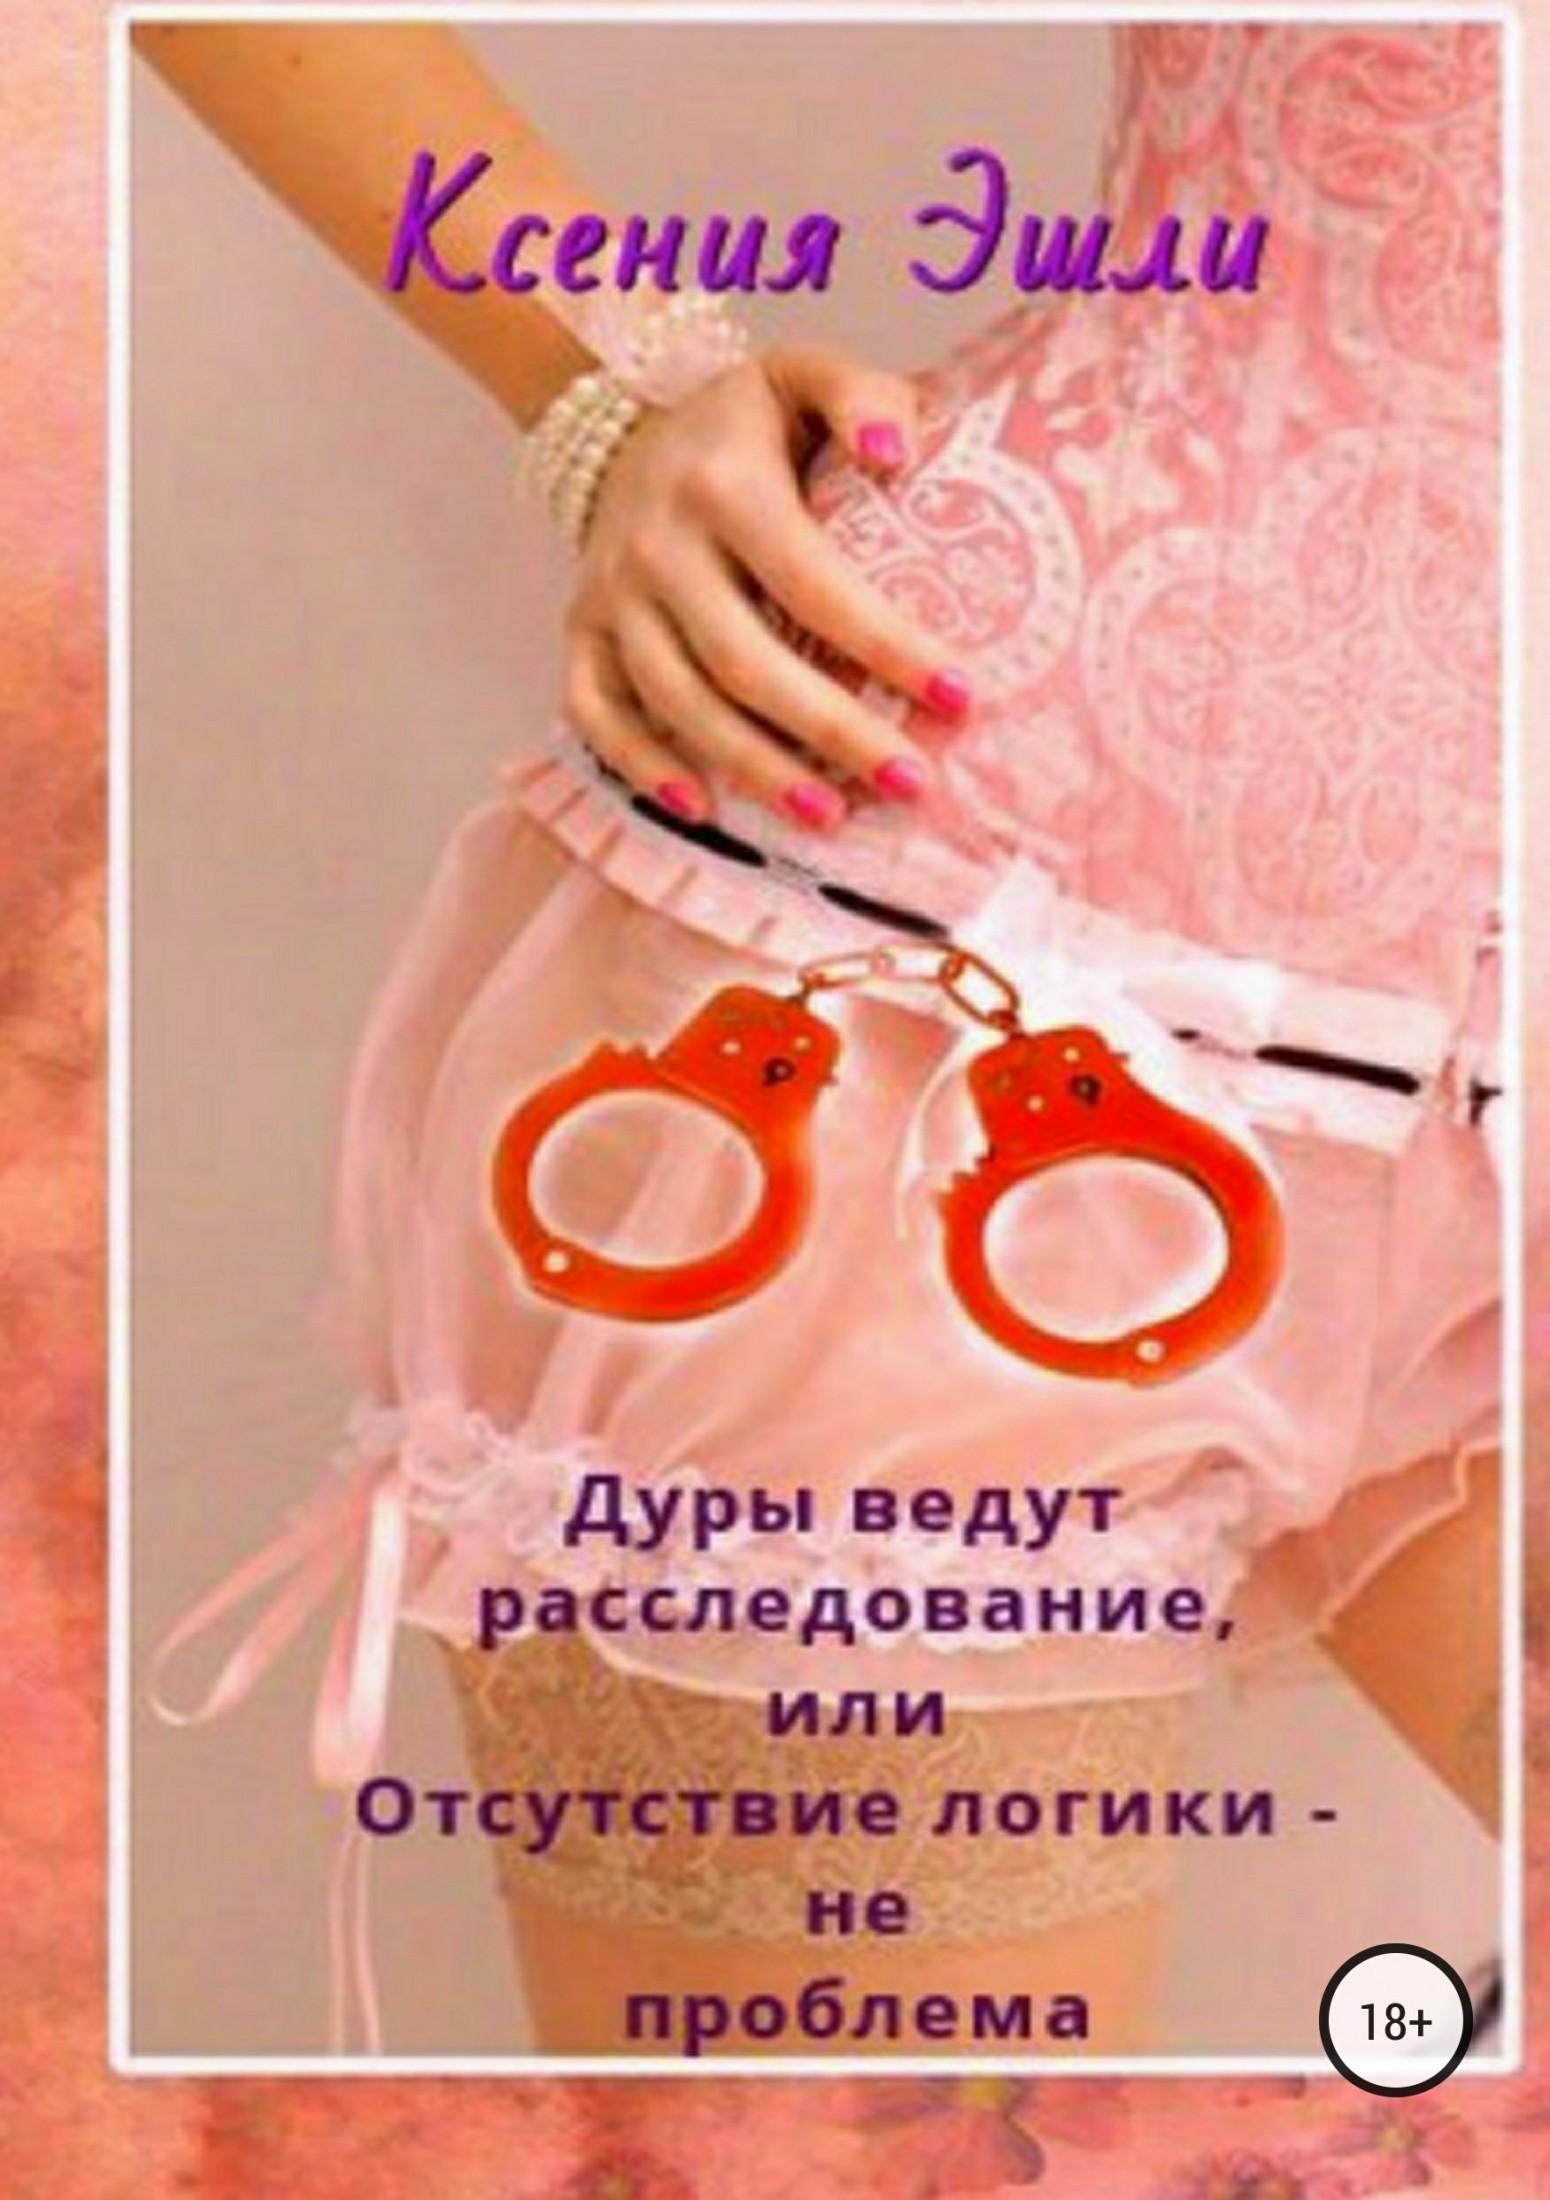 Ксения Эшли бесплатно